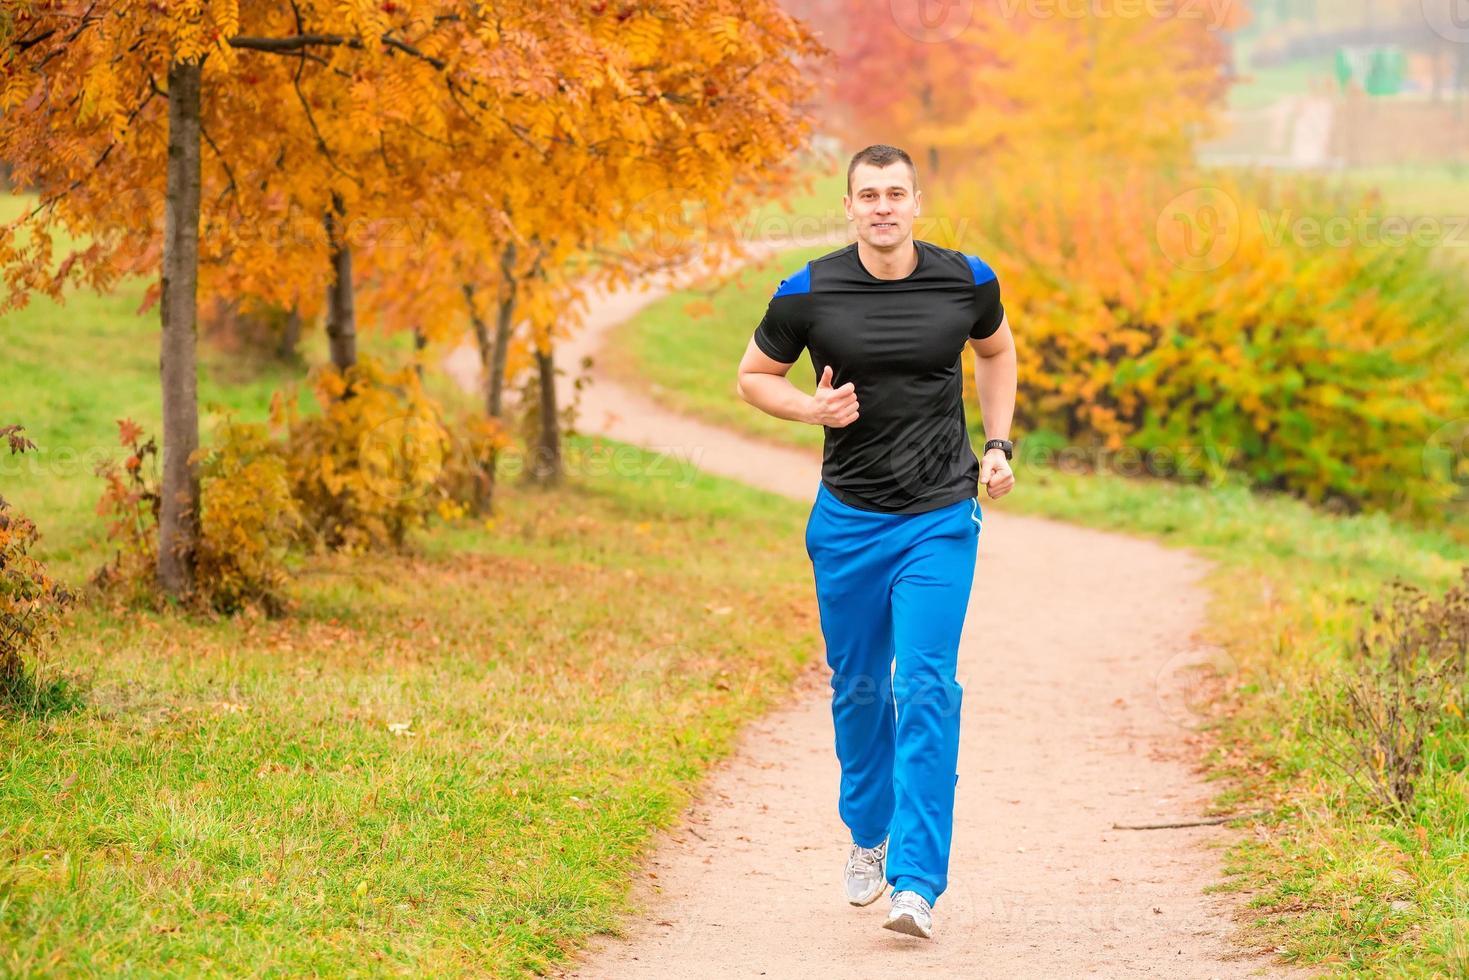 homem atlético correndo no parque em uma trilha foto